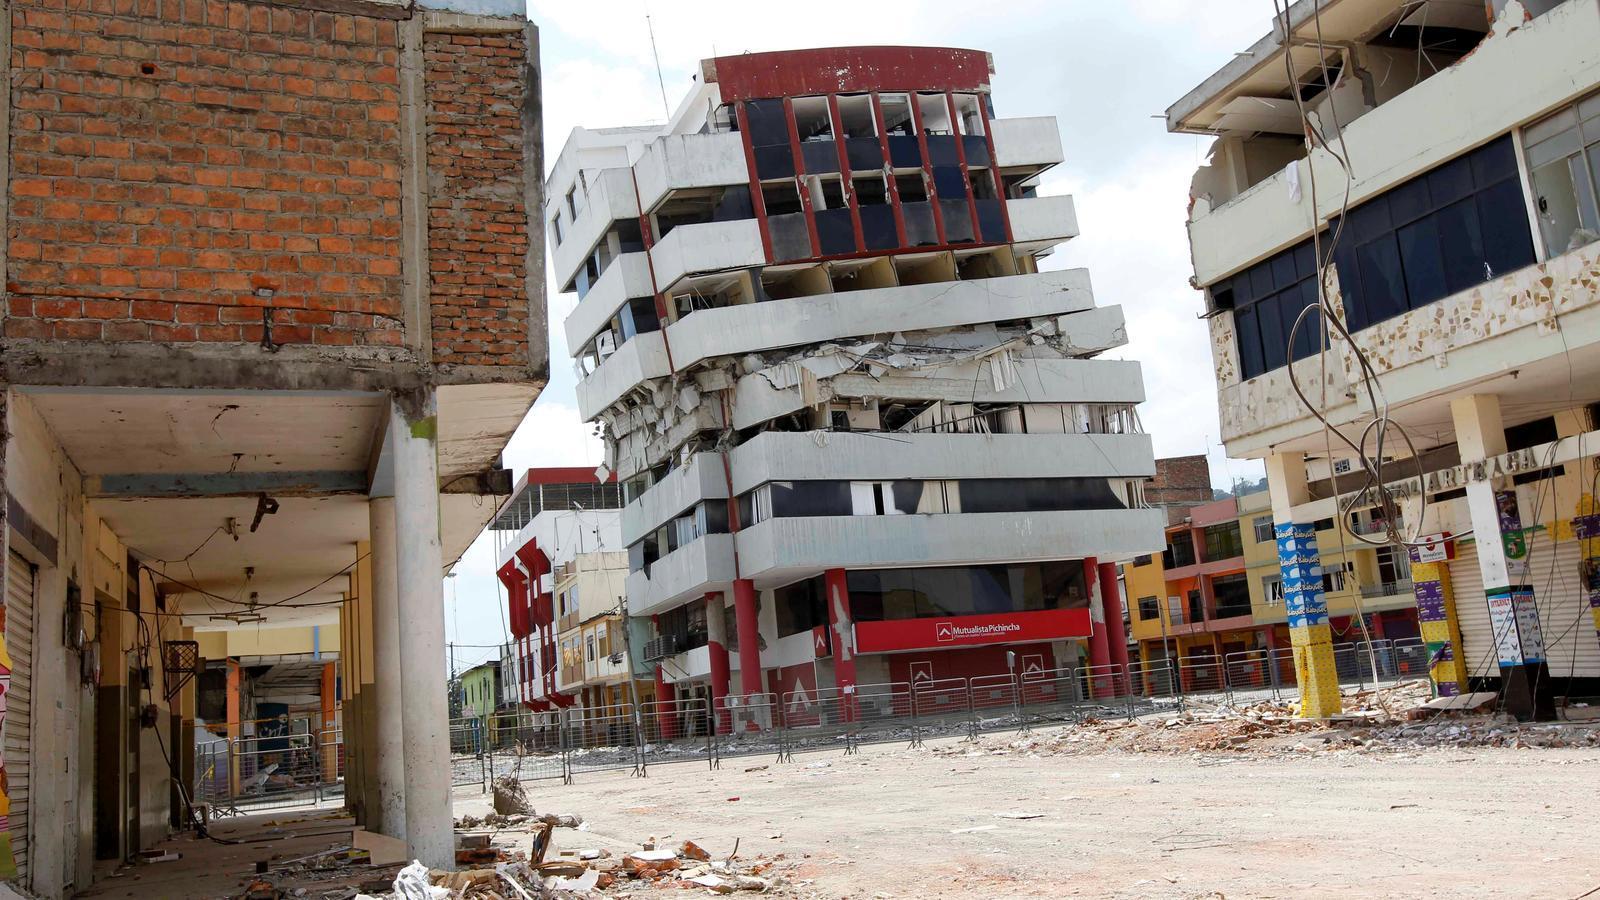 Un edifici mig ensorrat i runes a la localitat equatoriana de Portoviejo, en una zona devastada pel terratrèmol de l'abril passat